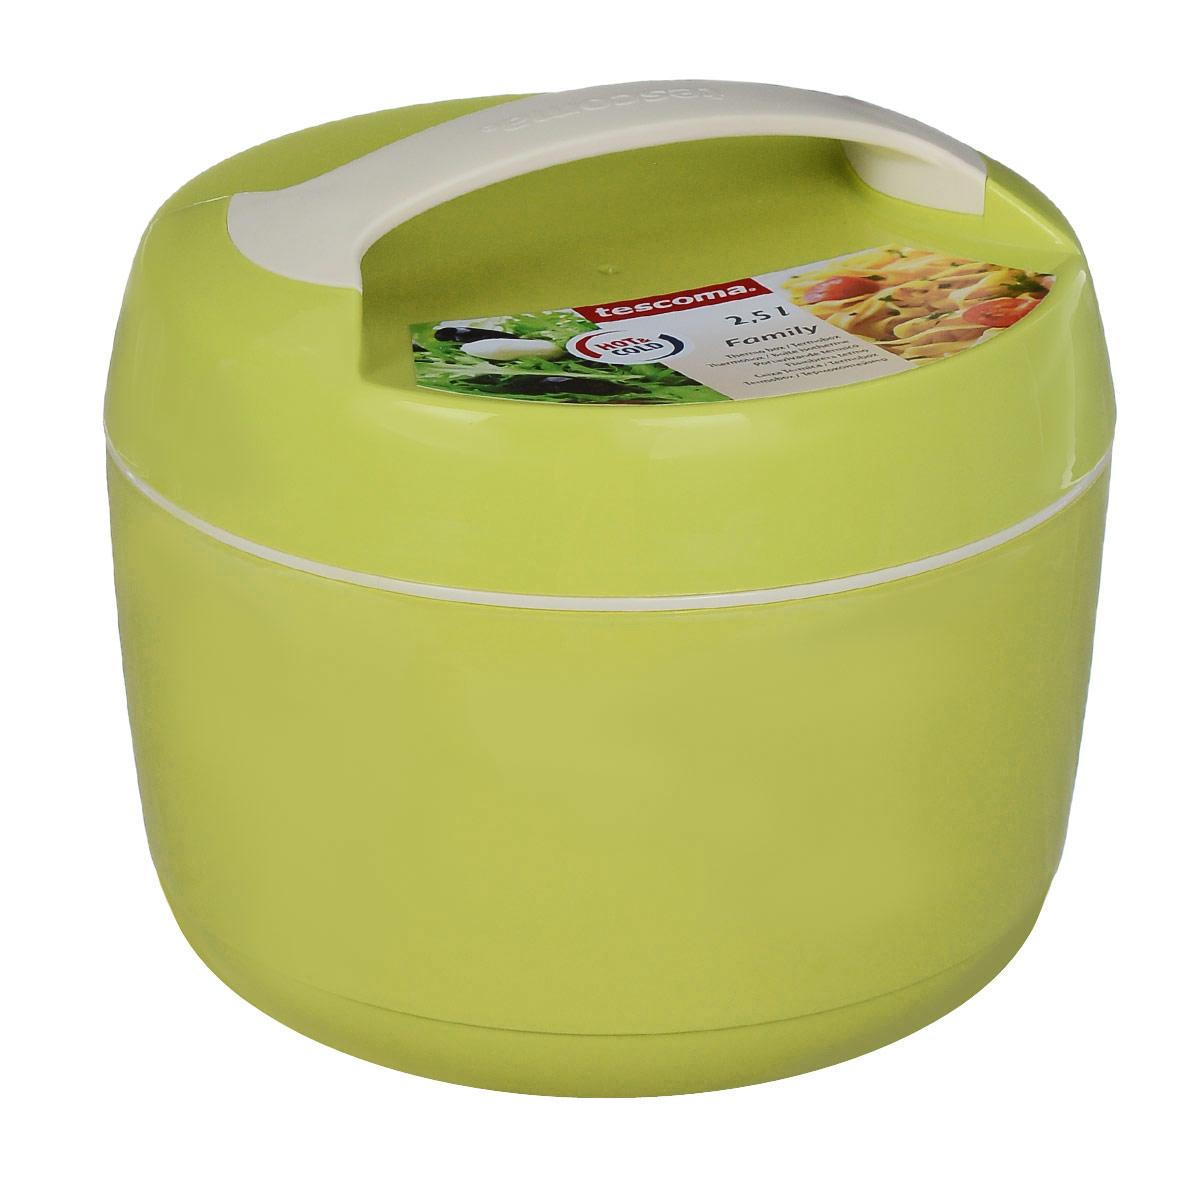 Термоконтейнер Tescoma Family, цвет: салатовый, 2,5 лVT-1520(SR)Термоконтейнер Tescoma Family изготовлен из высококачественного пищевого пластика. Прекрасно подходит для длительного хранения и переноски теплой и холодной пищи. Двойные стенки контейнера с высокоэффективным теплоизоляционным заполнением сохраняют пищу теплой или холодной в течение нескольких часов. При обычном использовании контейнер не бьющийся. Крышка плотно и удобно закручивается. Для комфортной переноски предусмотрена ручка. В комплекте имеется специальная емкость объемом 1 л для отдельного хранения закусок и гарнира. Емкость удобно помещается внутрь контейнера. Контейнер нельзя мыть в посудомоечной машине, пластиковая емкость с крышкой пригодна для мытья в посудомоечной машине. Объем контейнера: 2,5 л. Диаметр контейнера: 22 см. Высота контейнера: 17 см. Объем емкости: 1 л. Диаметр емкости: 19 см. Высота стенки емкости: 4,5 см.